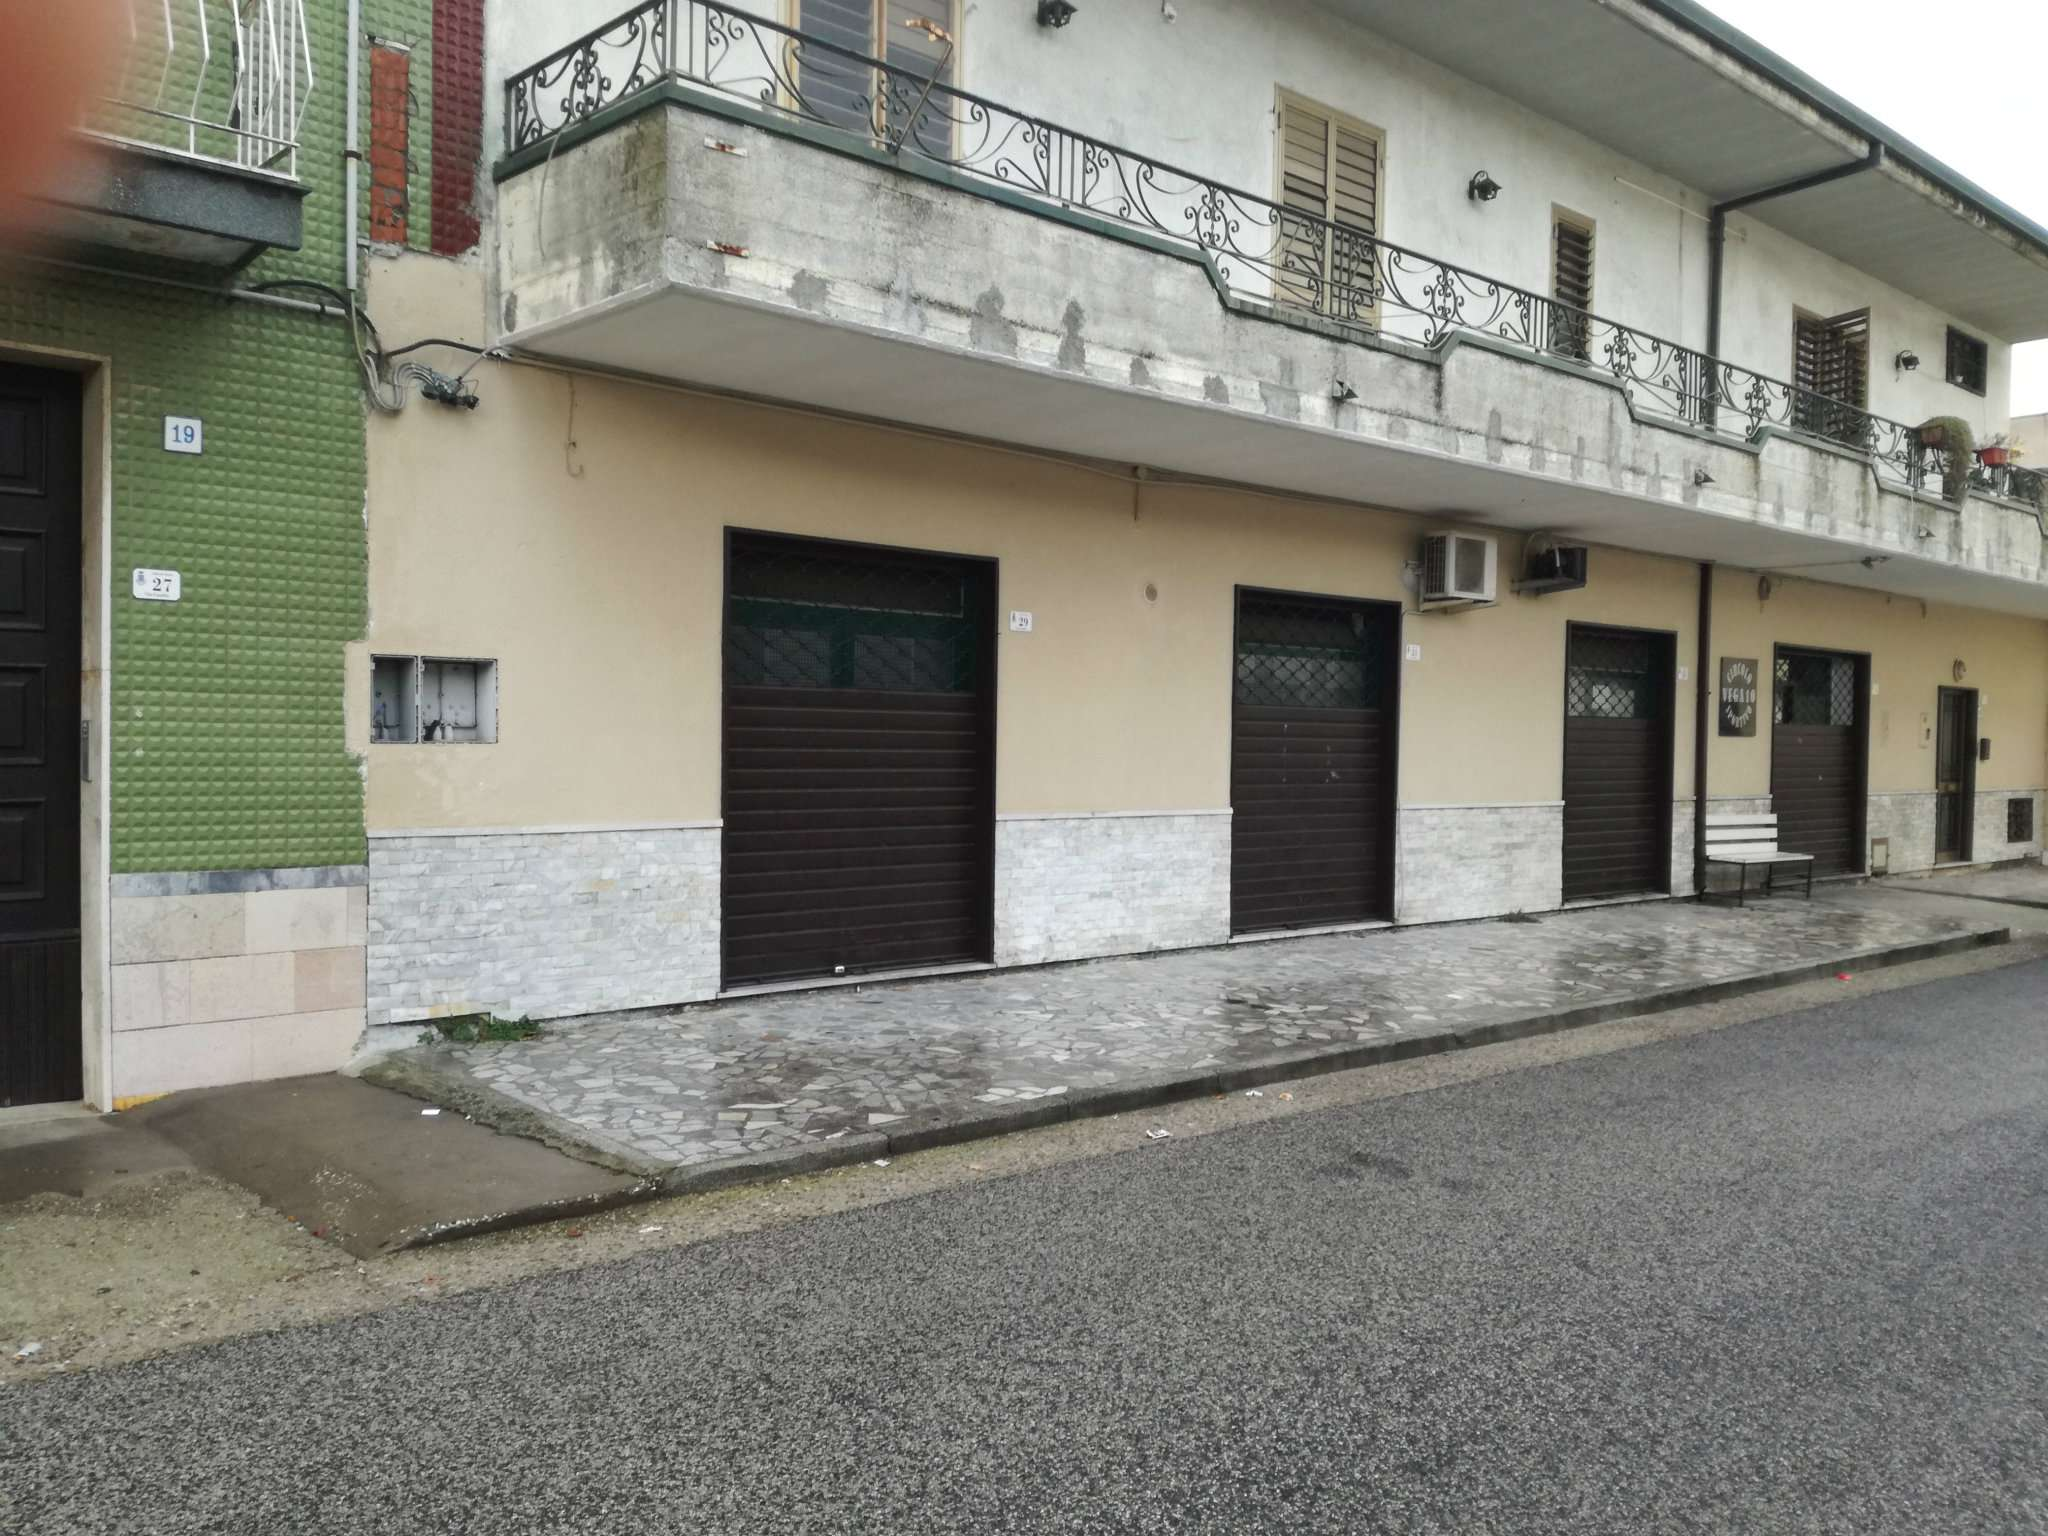 Negozio / Locale in affitto a Airola, 1 locali, Trattative riservate | CambioCasa.it